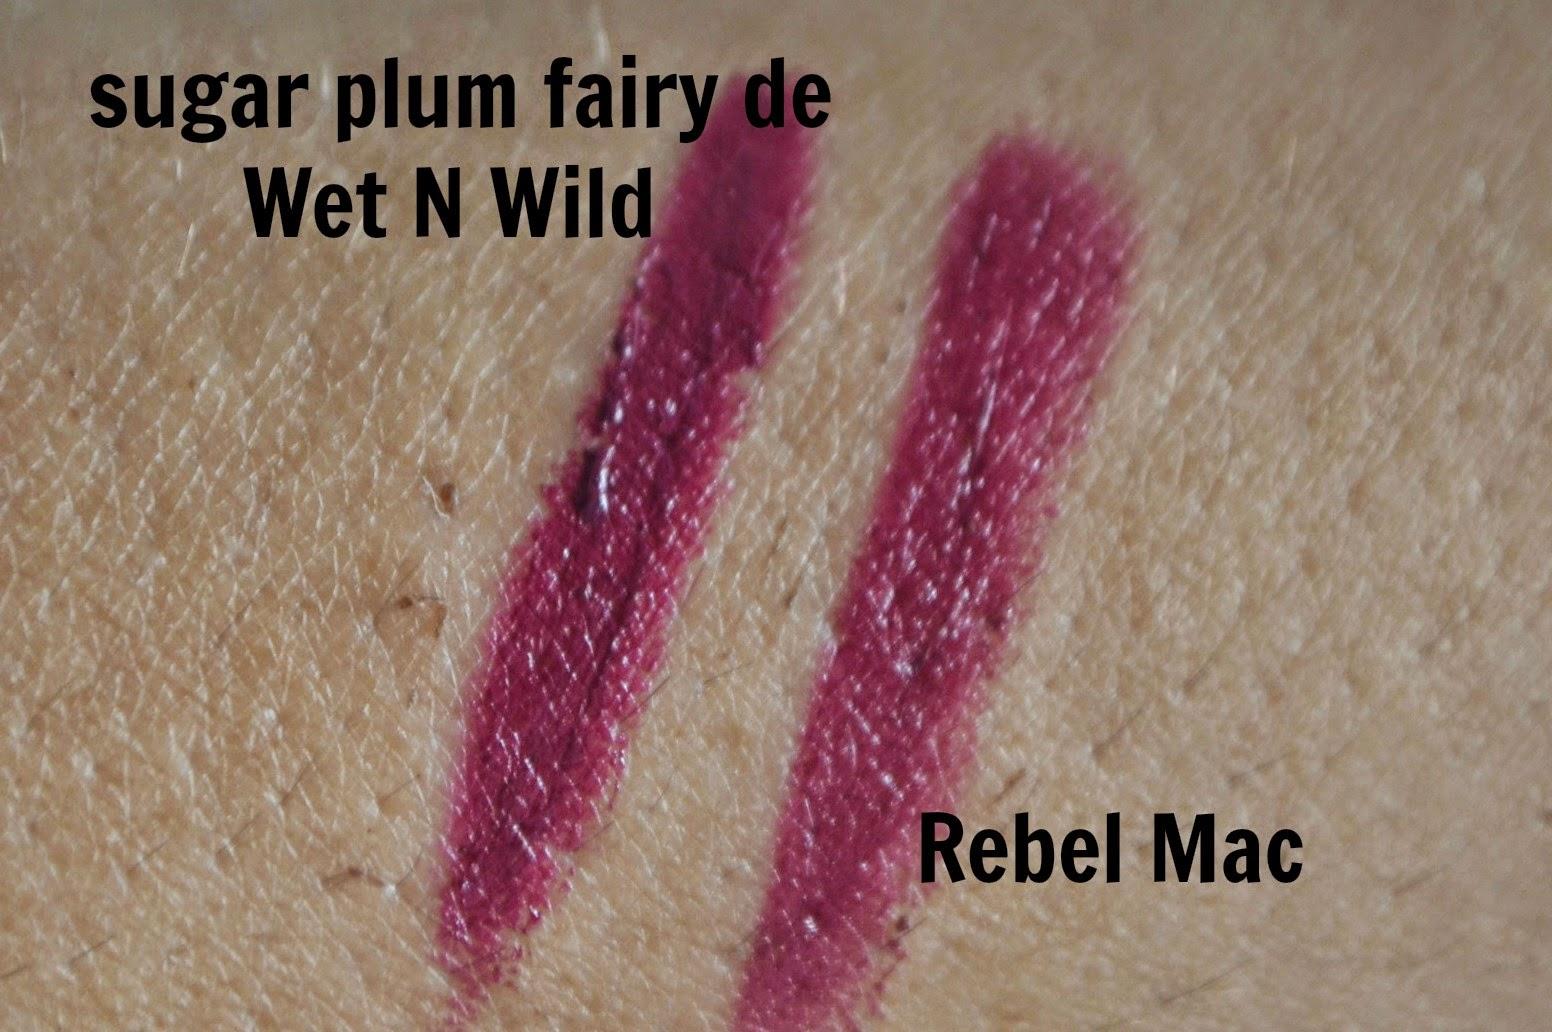 dupe de la semana rebel de mac vs sugar plum fairy de